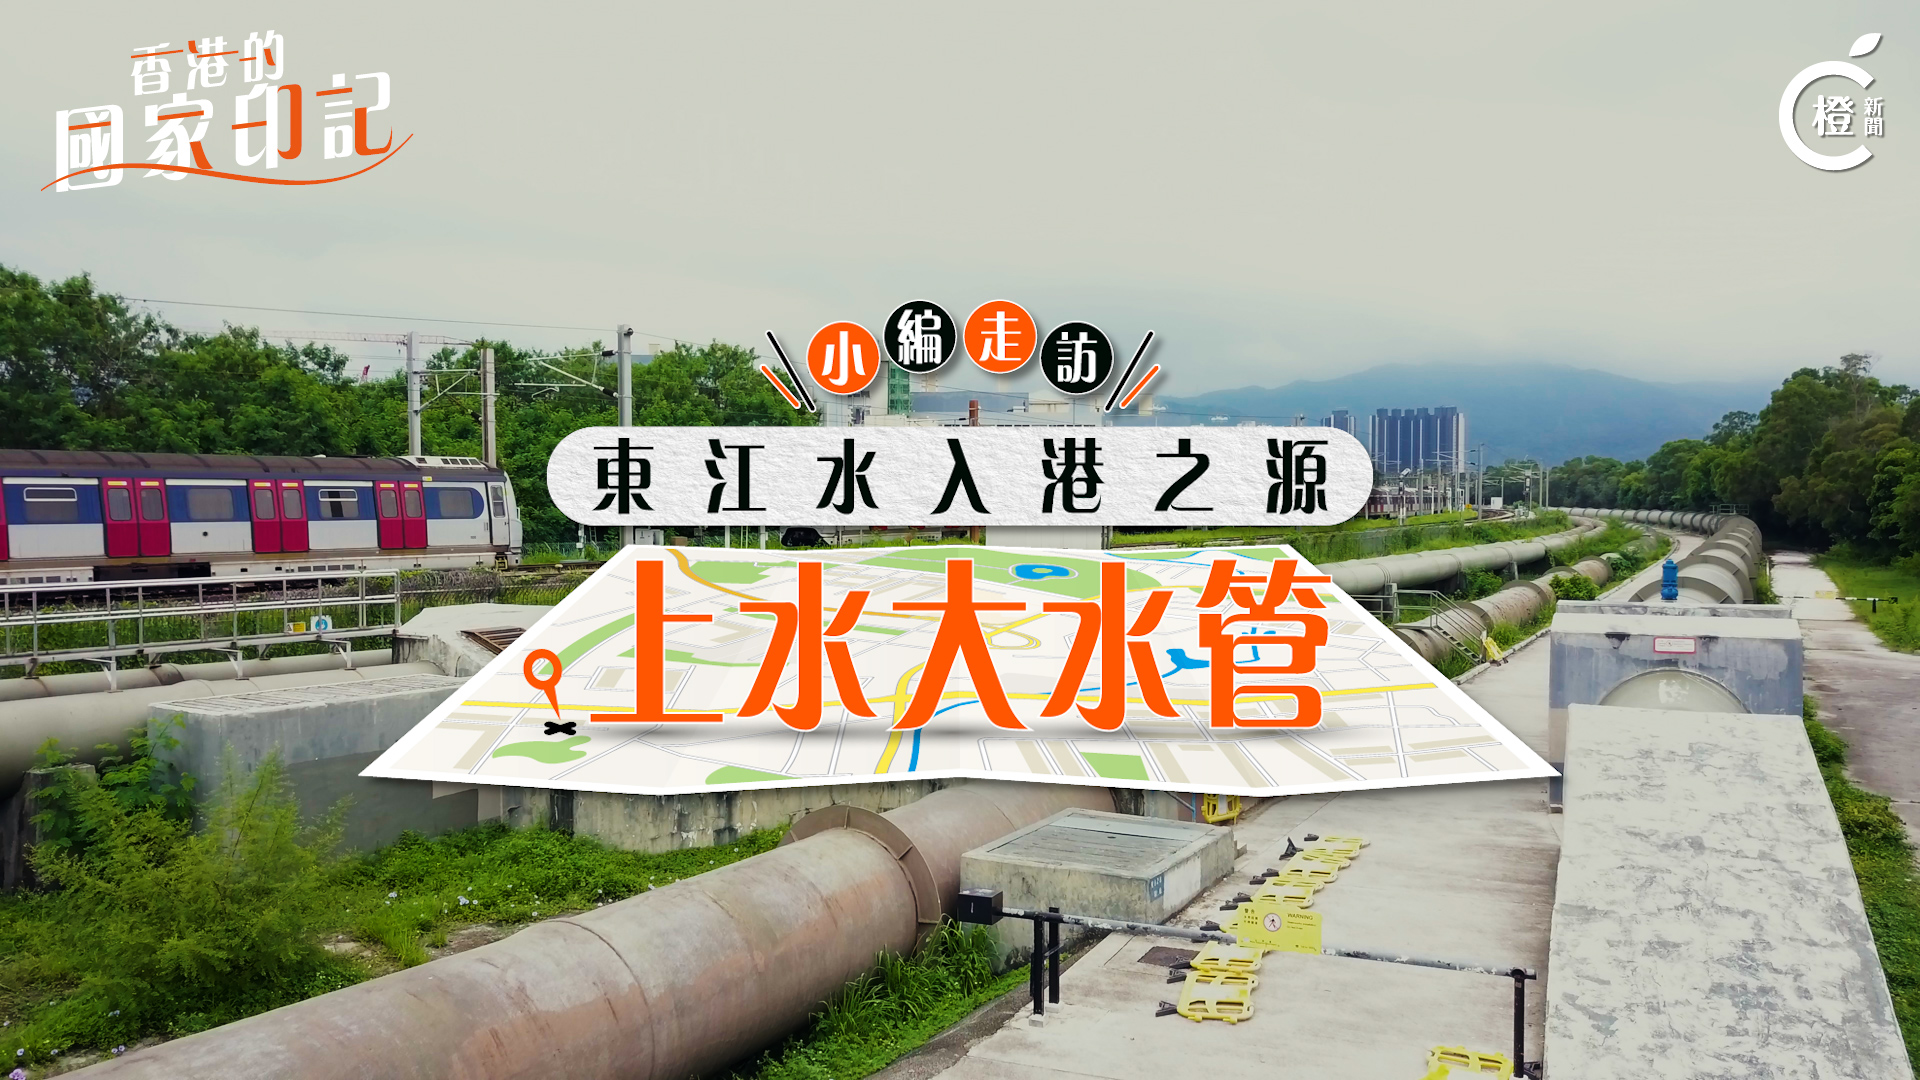 【小編Vlog】東江水入港解制水之困 多方支援體現同胞情